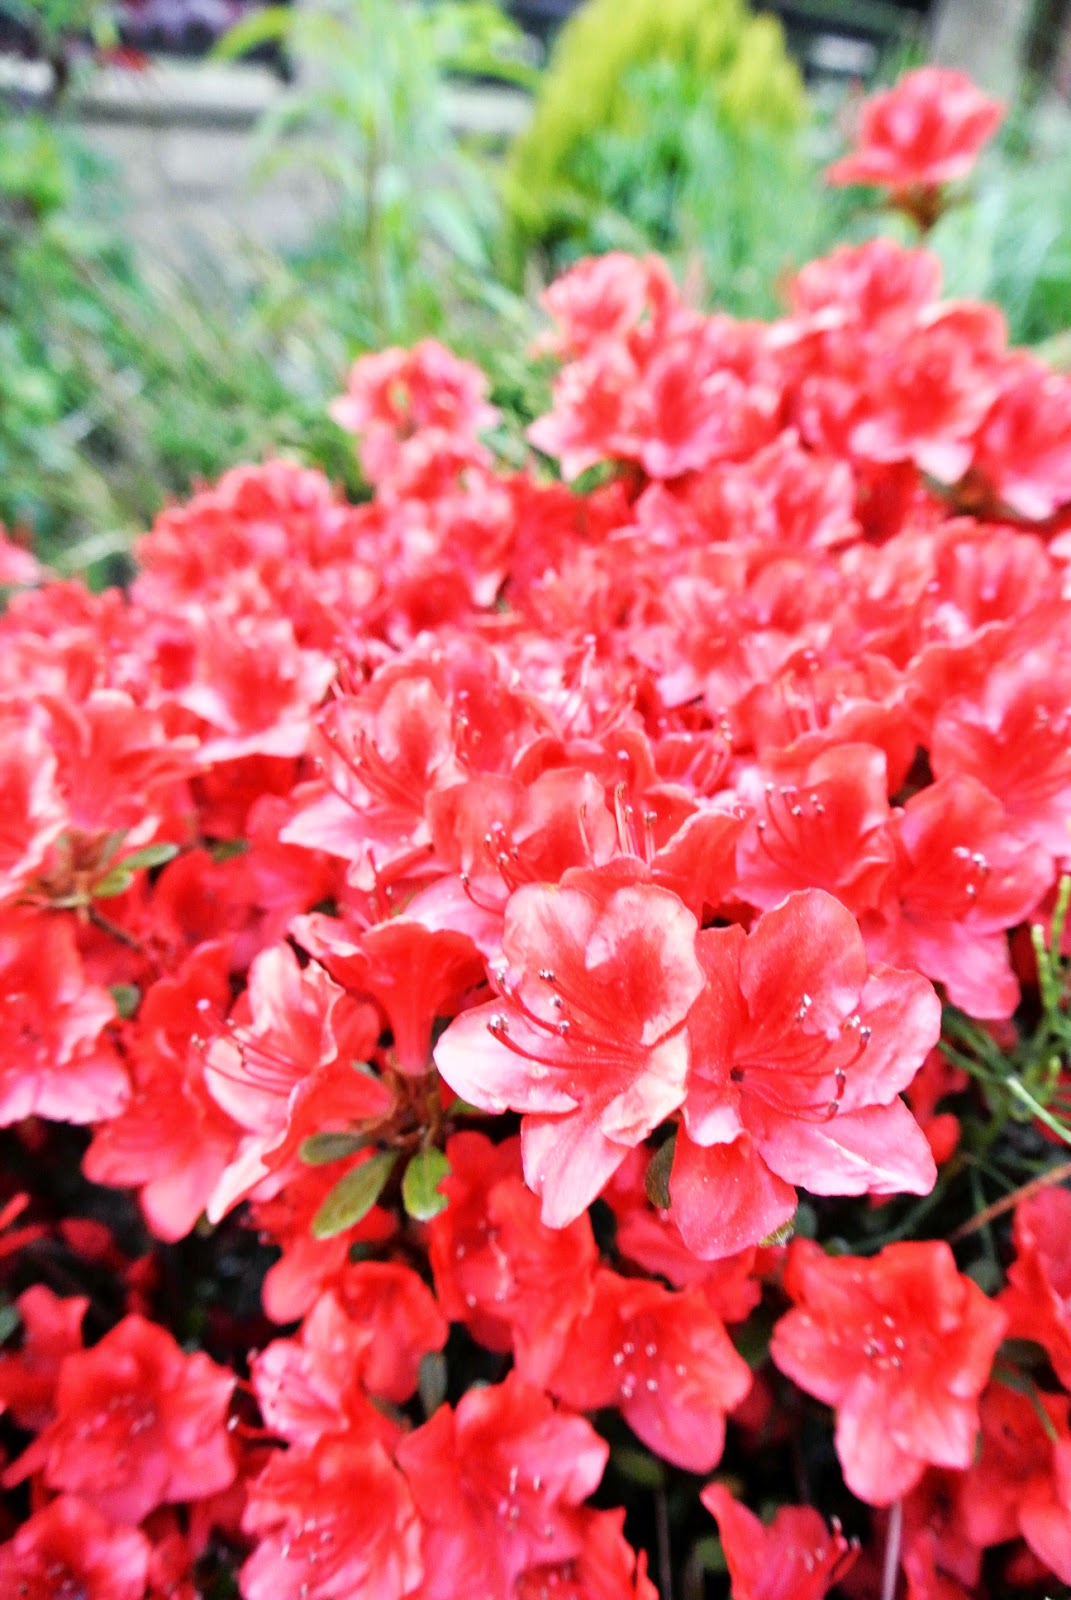 azalie zima,czy azalie trzeba okrywać,jak dbać o azalie,jak dbać o różaneczniki,gdzie kupować azalie